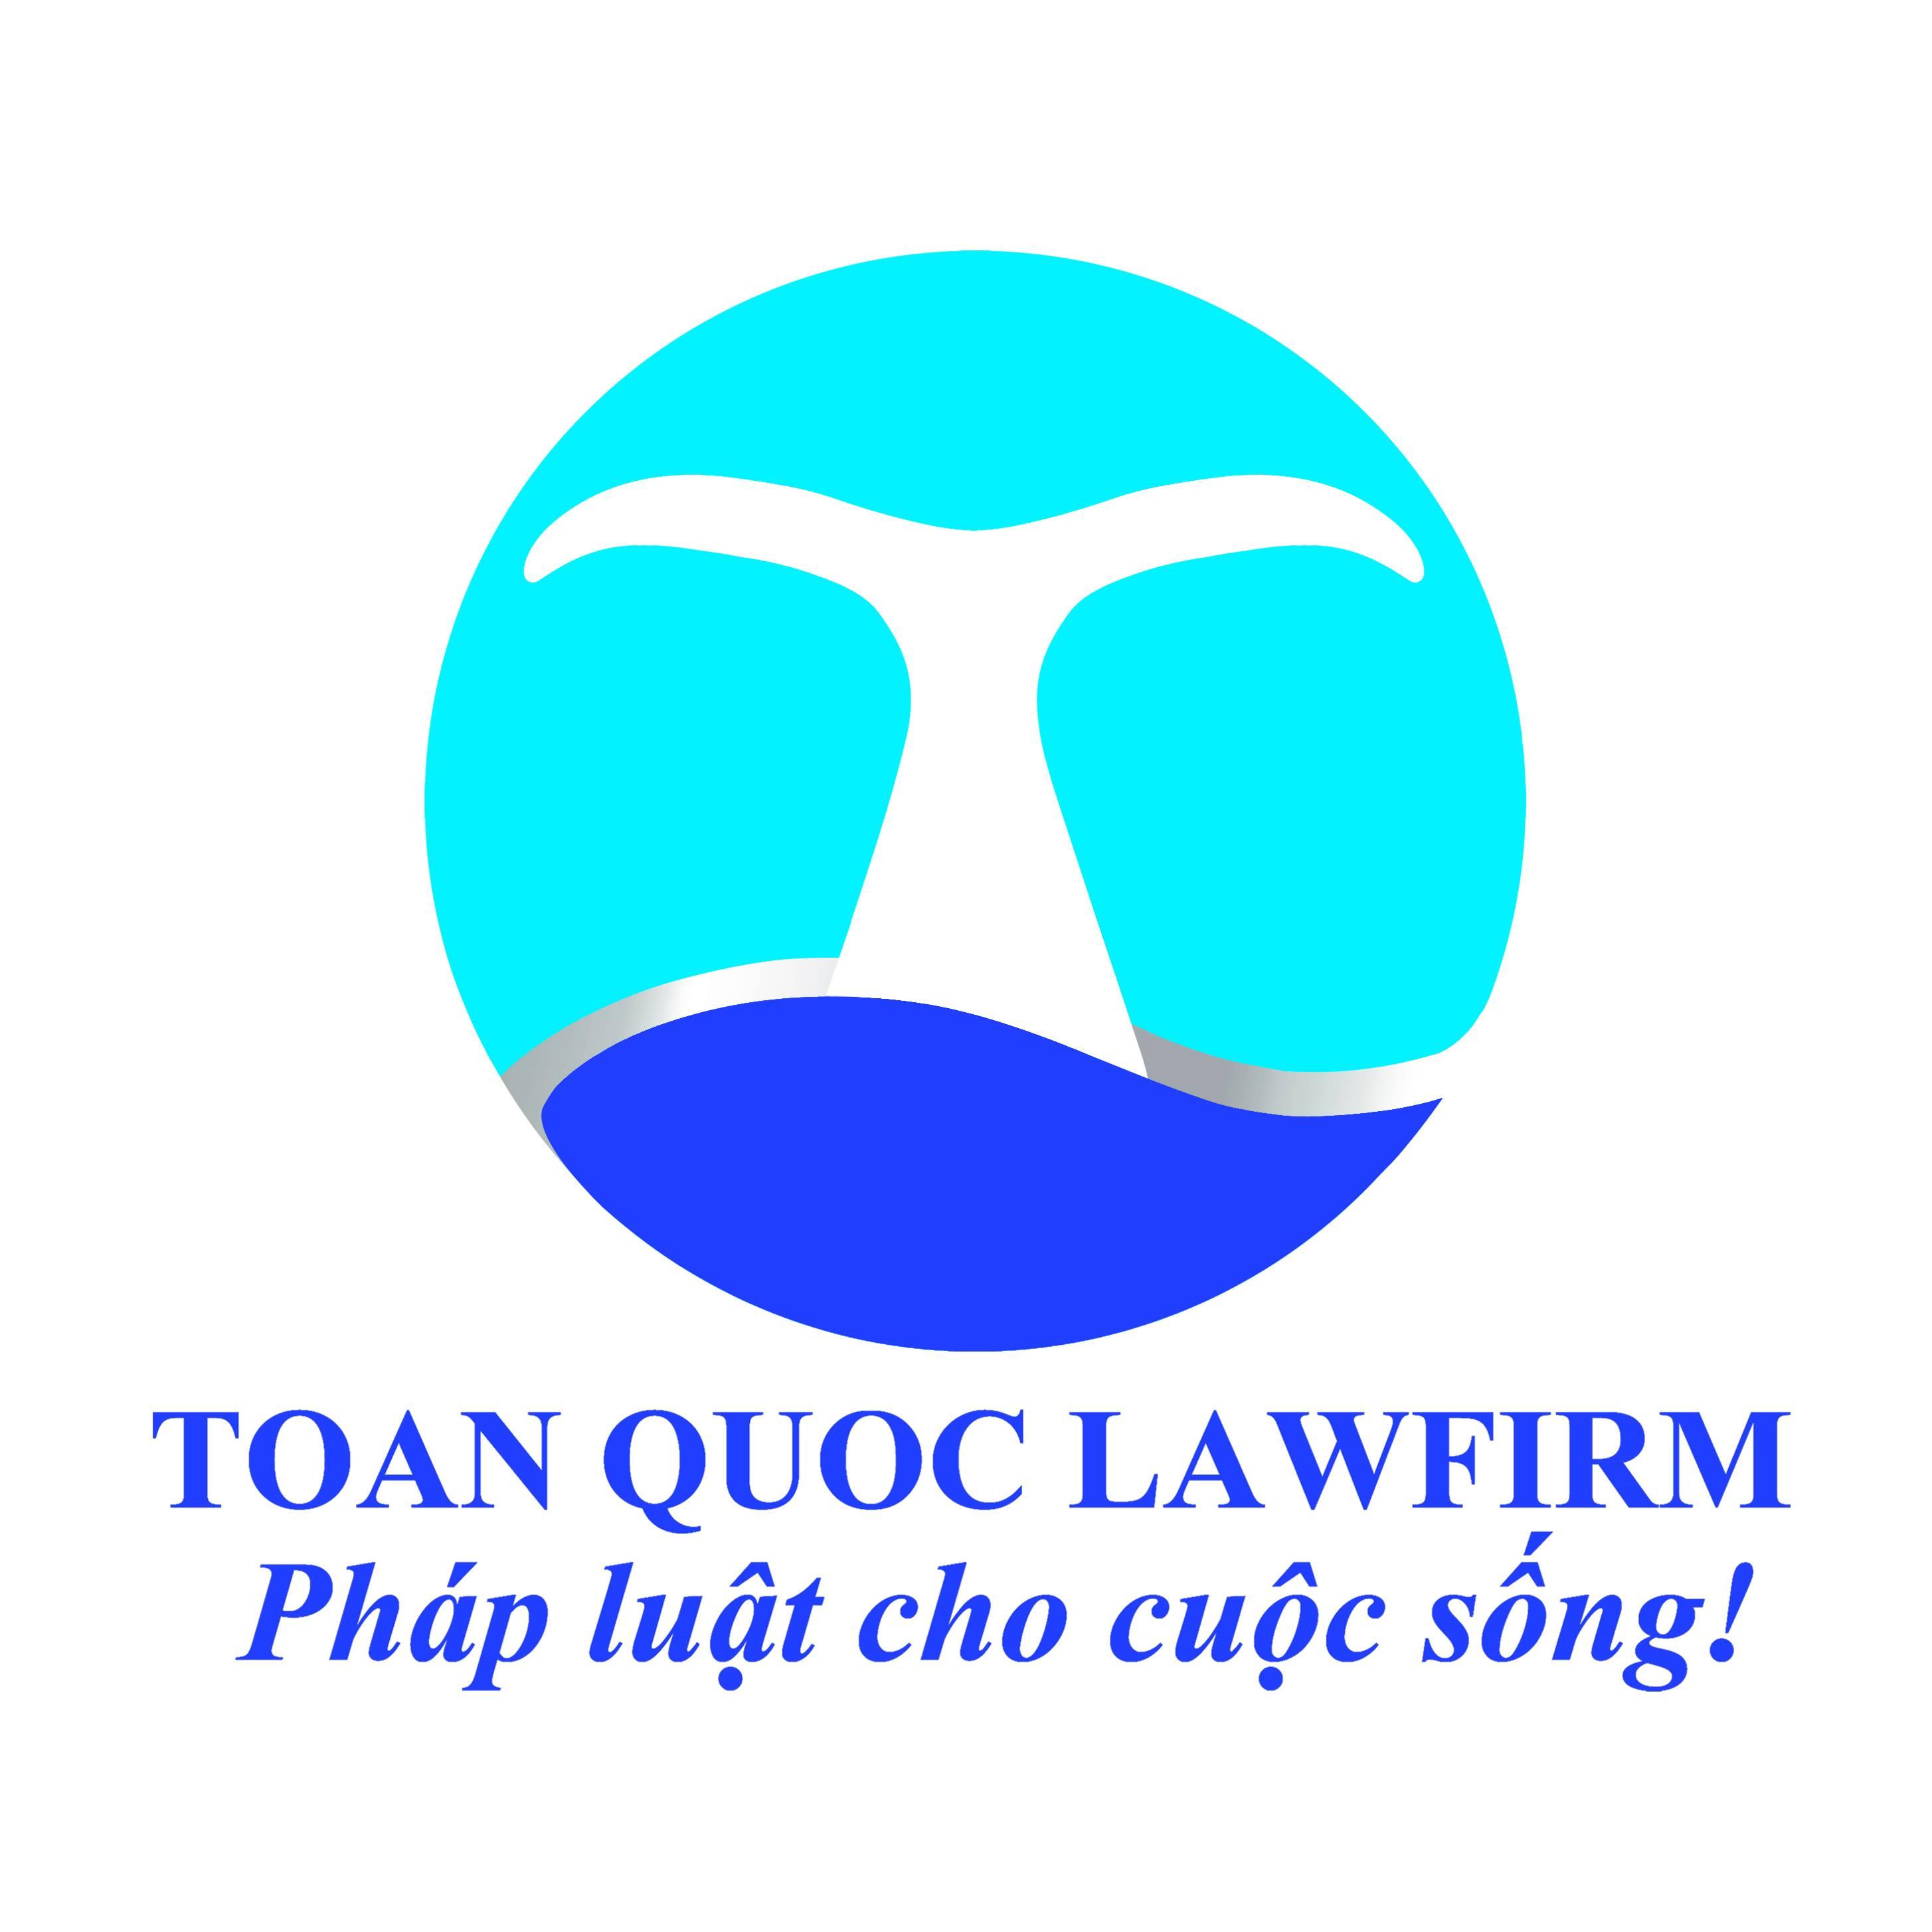 TẢI THÔNG TƯ 31/2019/TT-BGTVT